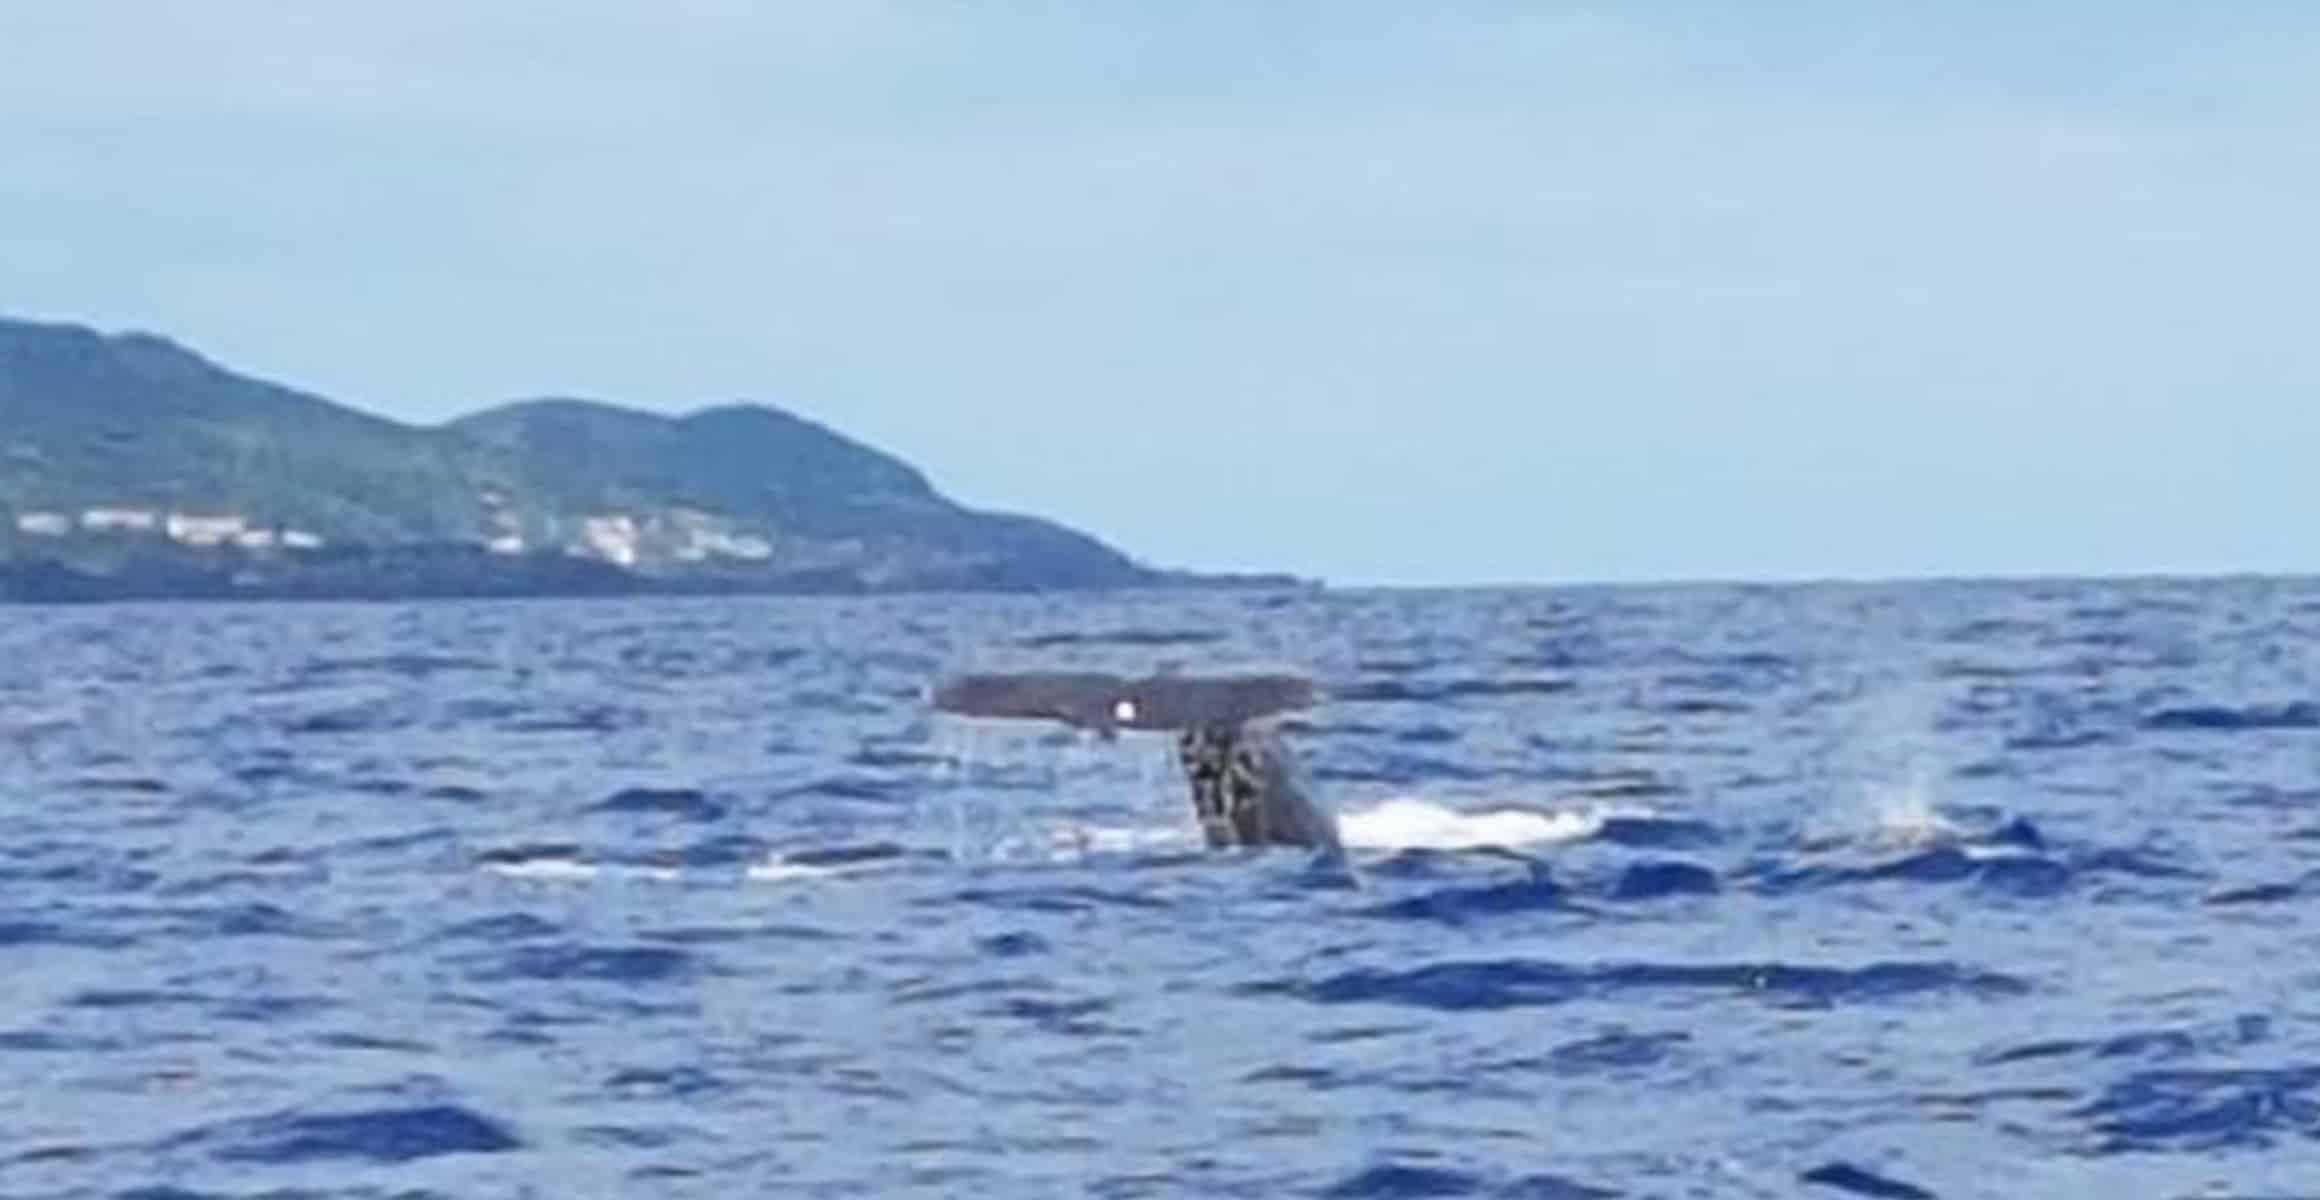 Walflosse im Meer vor den Azoren beim Whale Watching im Hintergrund ist die Insel Pico zu sehen